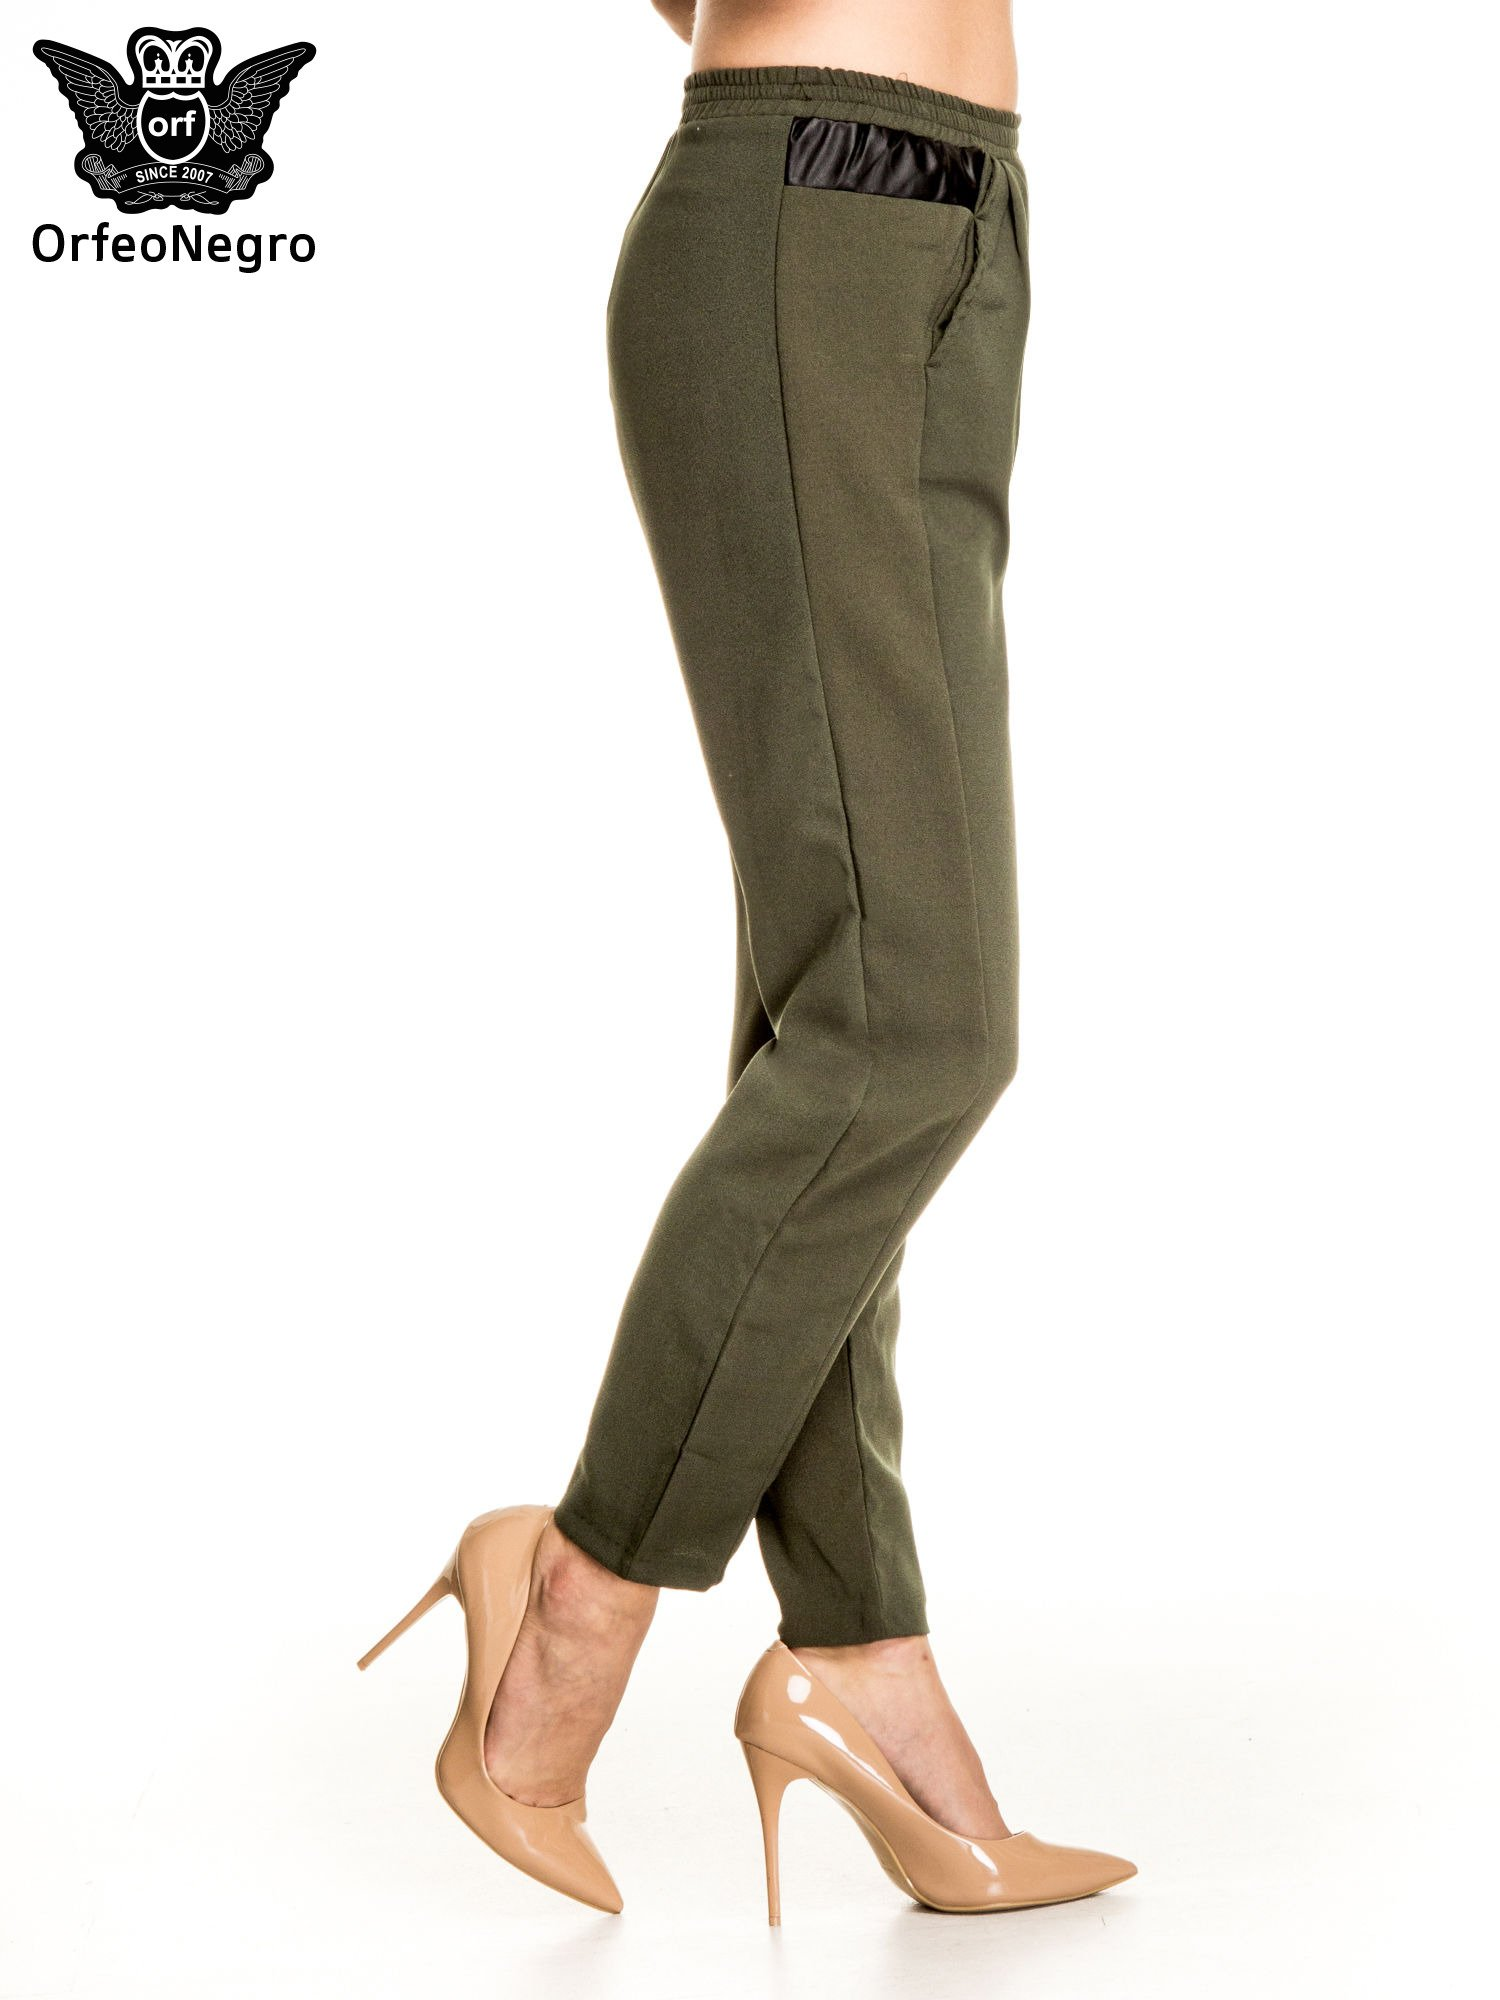 Khaki spodnie materiałowe ze skórzaną wstawką                                   zdj.                                  3